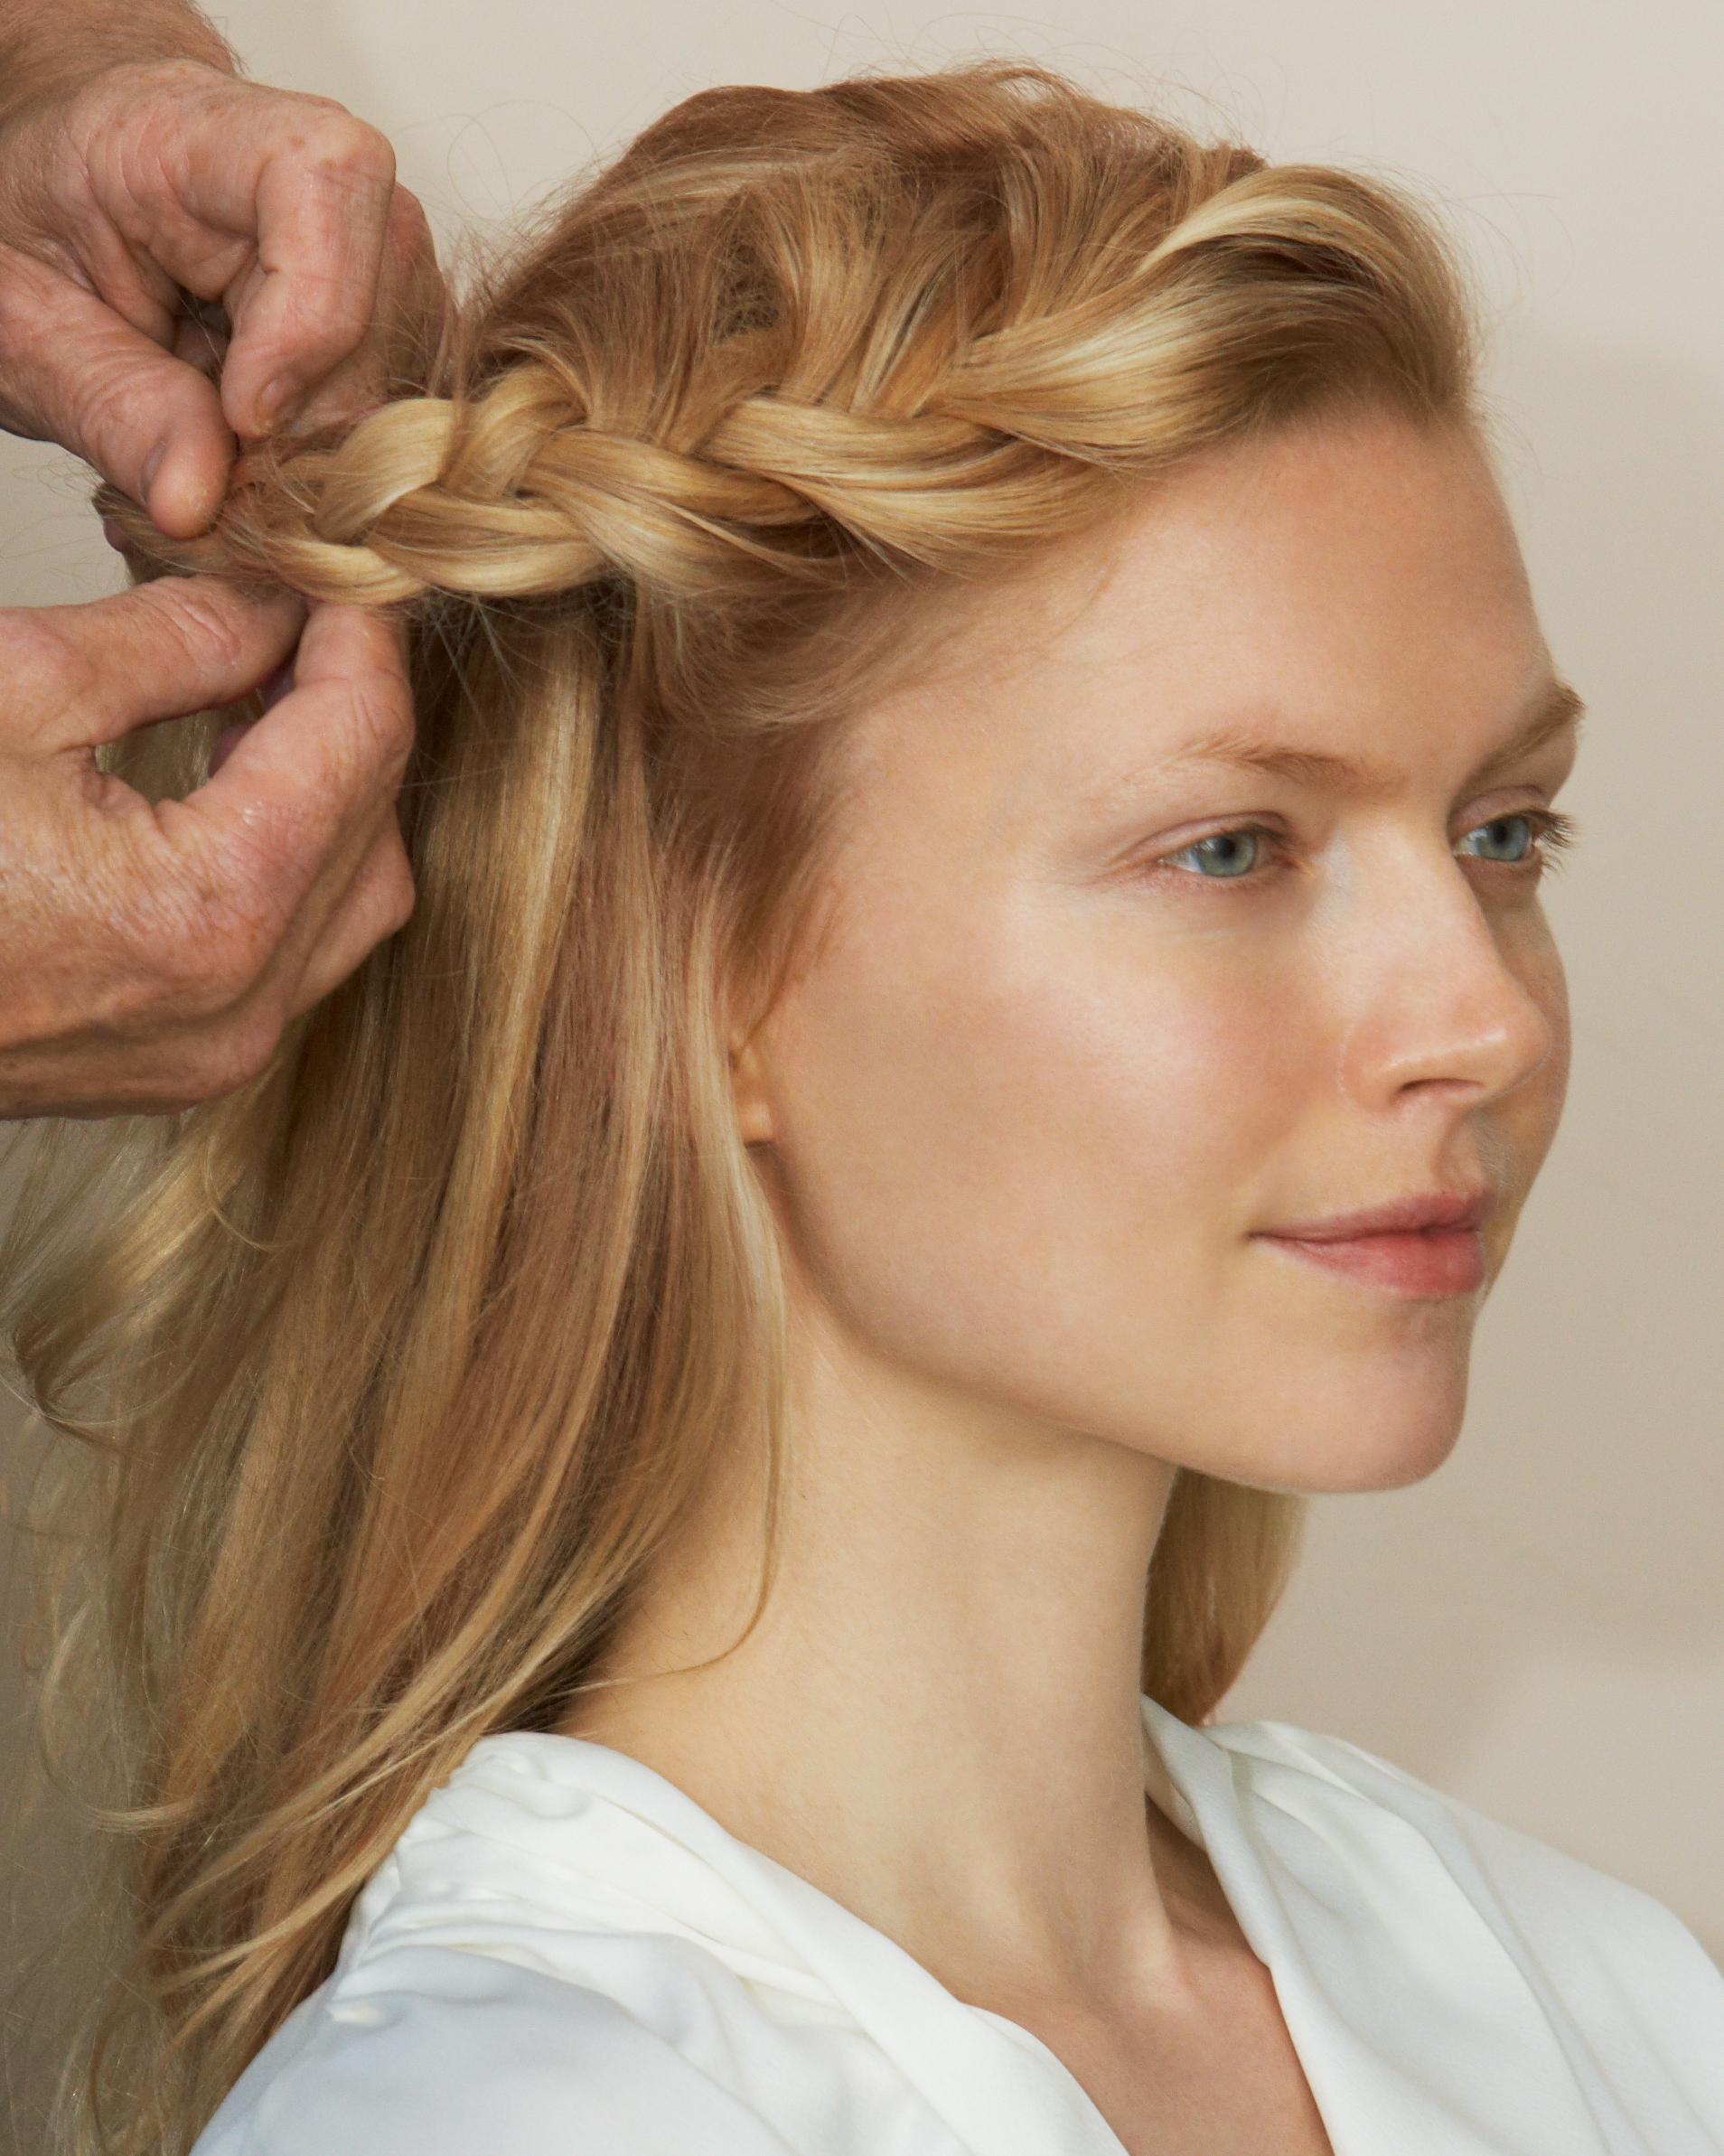 hair-prep-braid-075-wd110254.jpg